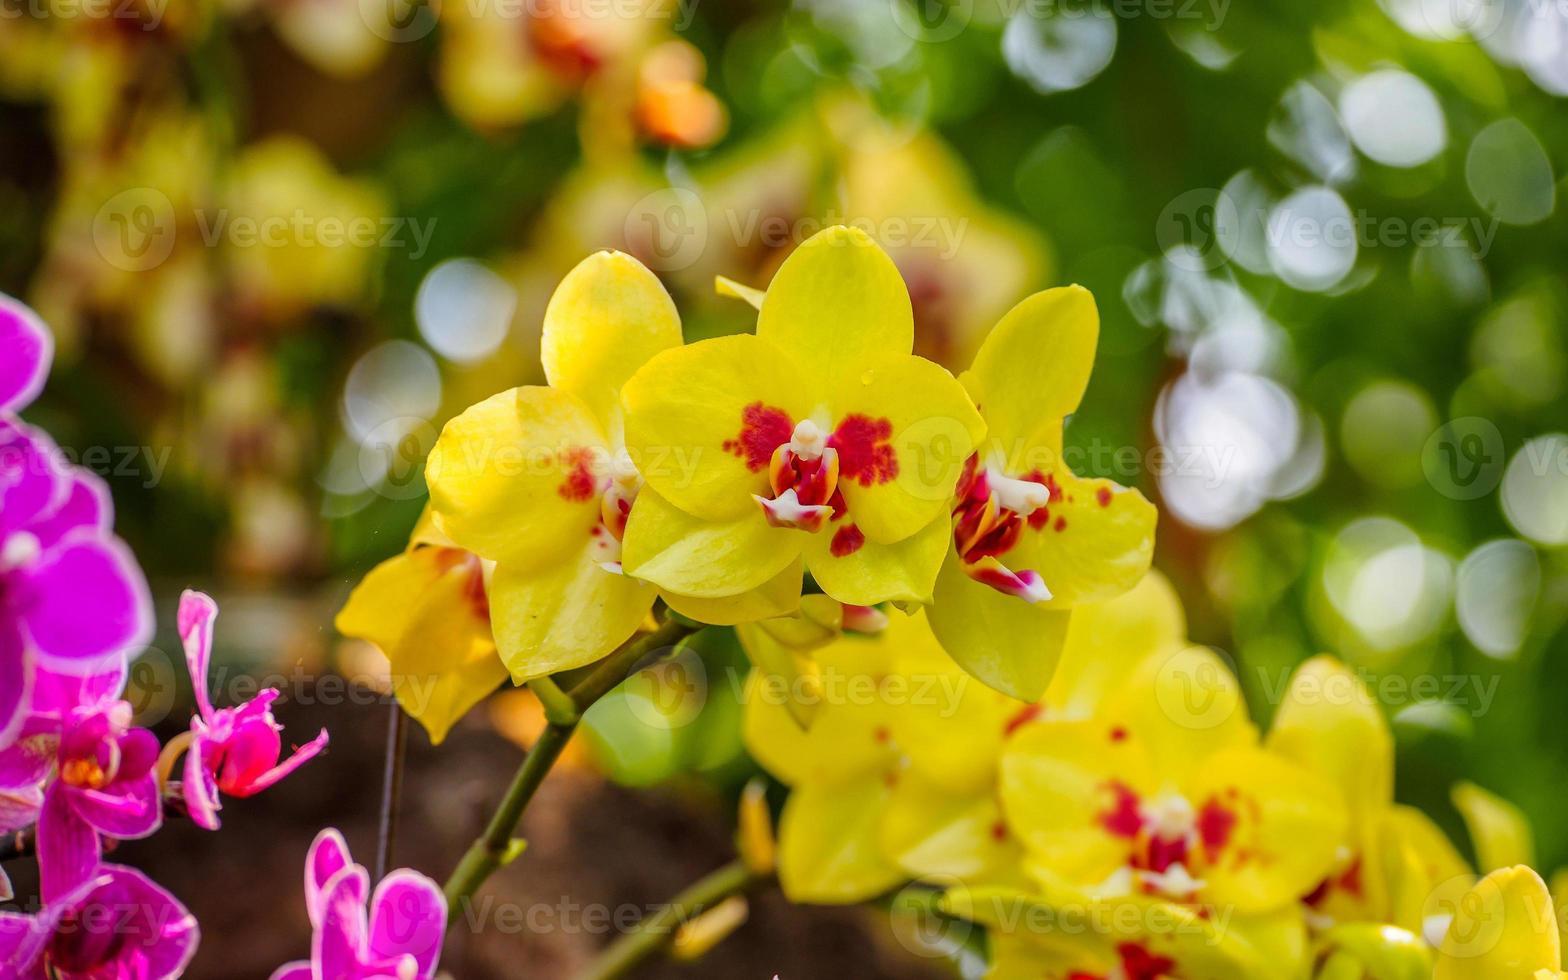 hermosas orquídeas, phalaenopsis, en invernadero foto